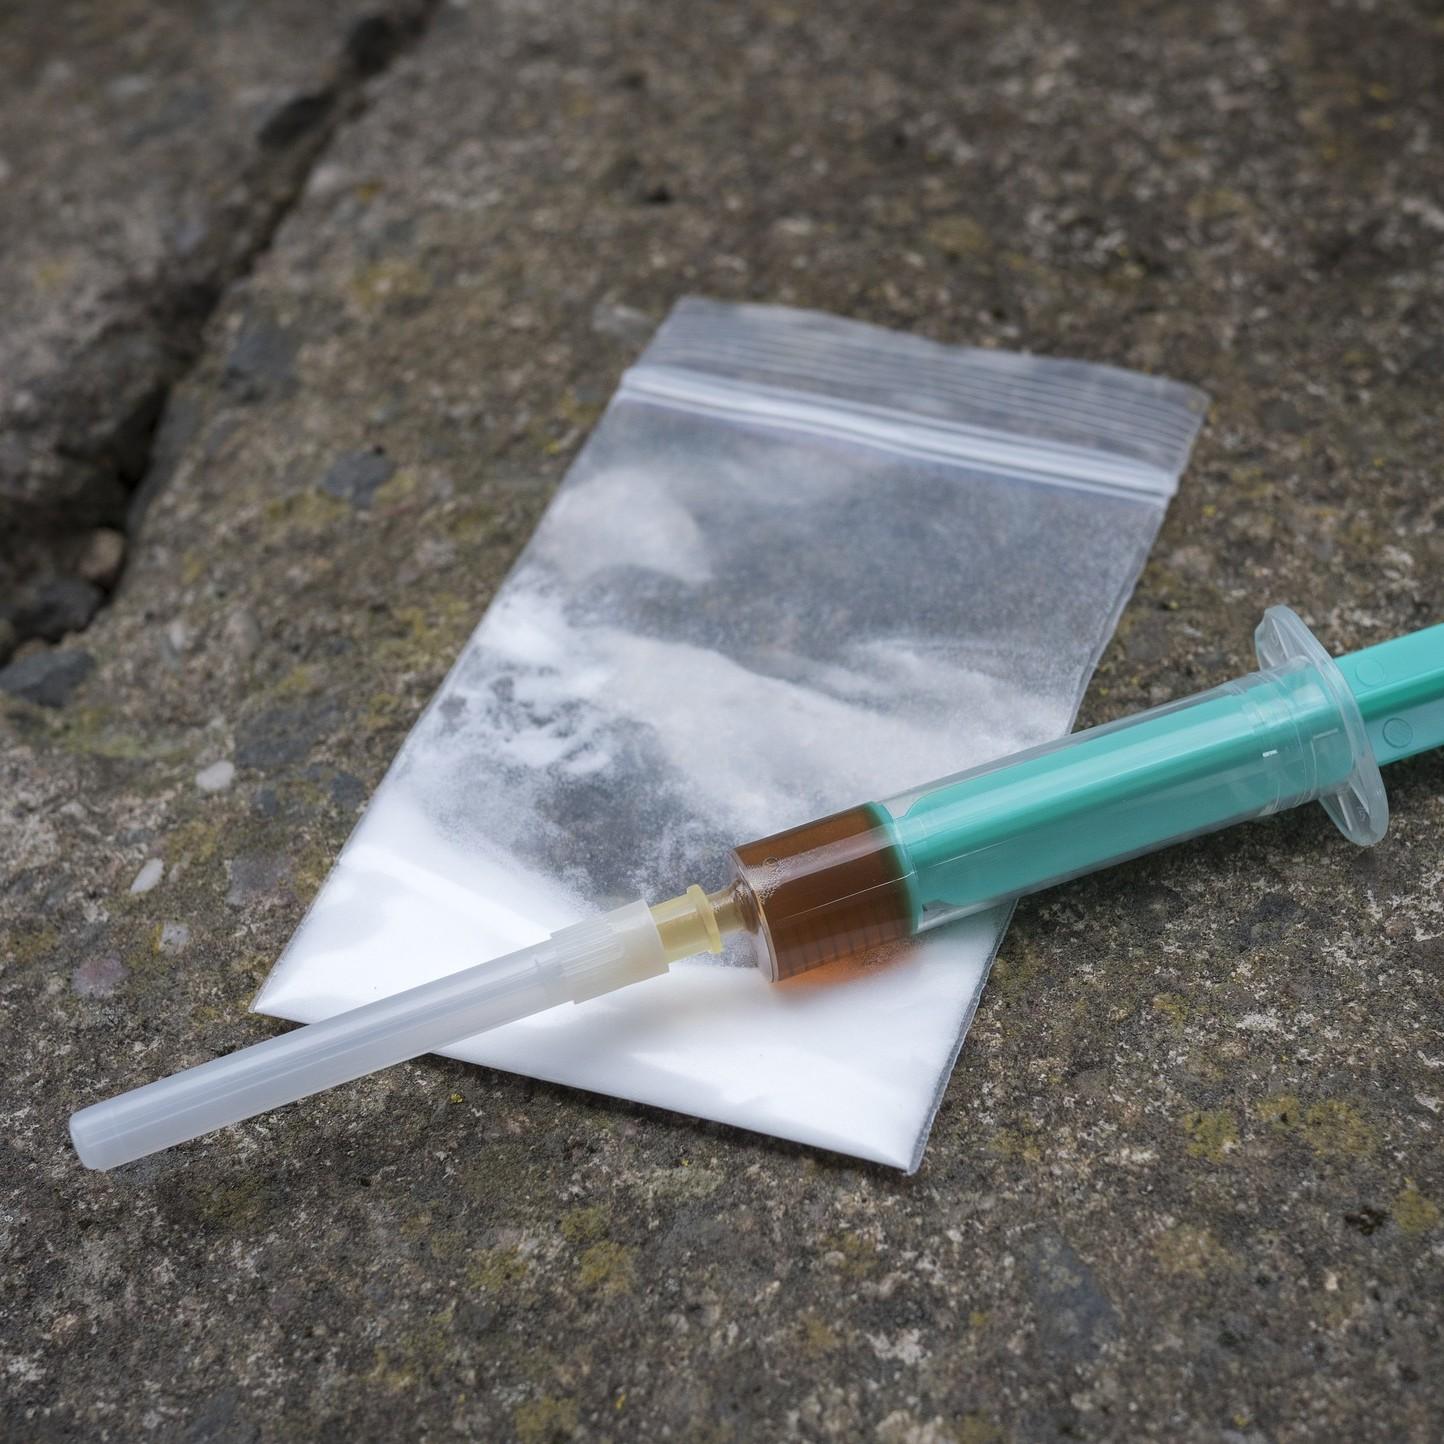 tratamentul extremităților de jos cu droguri cu droguri